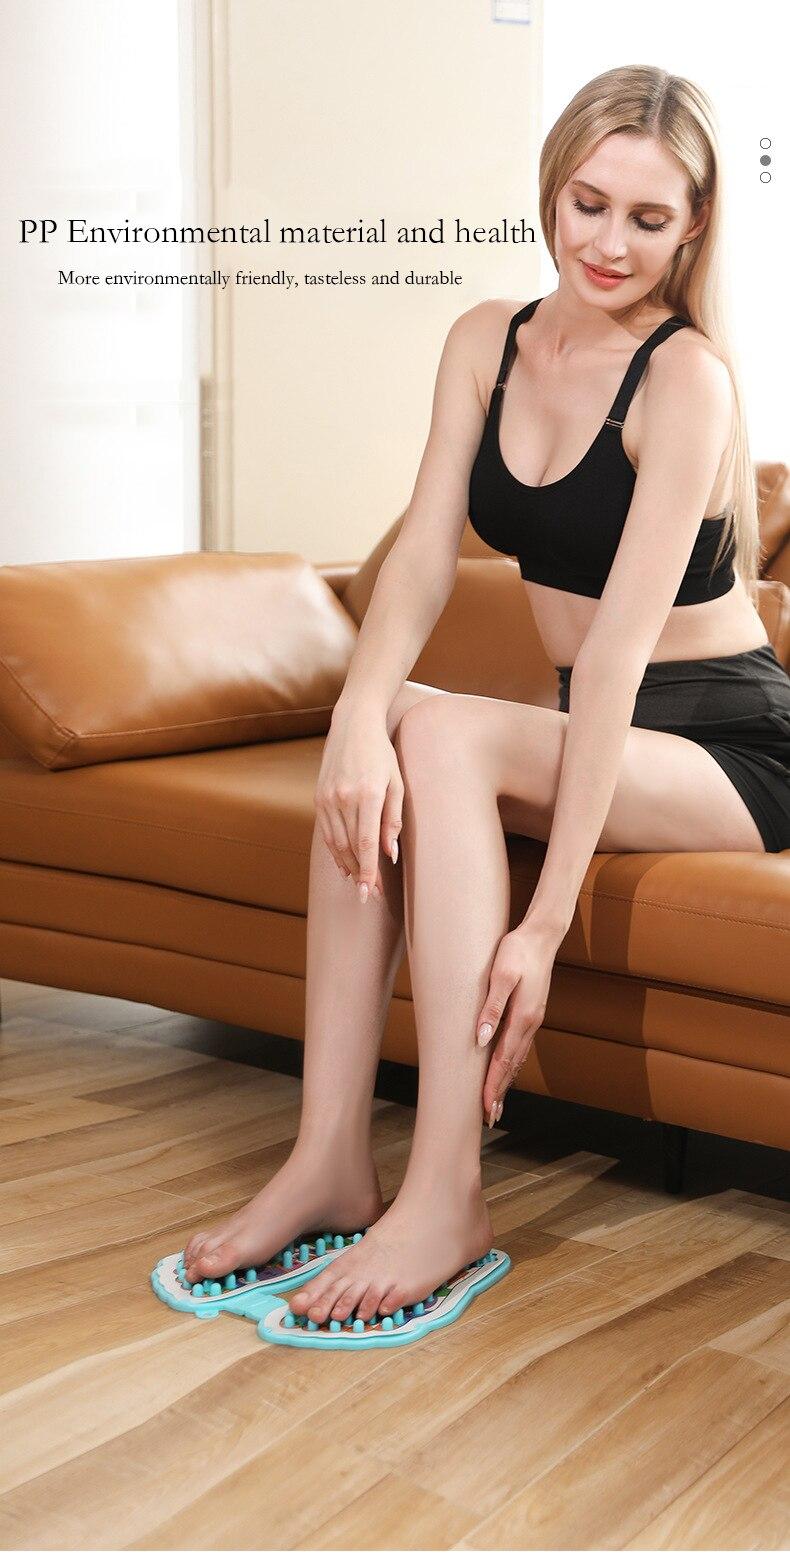 Acupoints Massage Pad